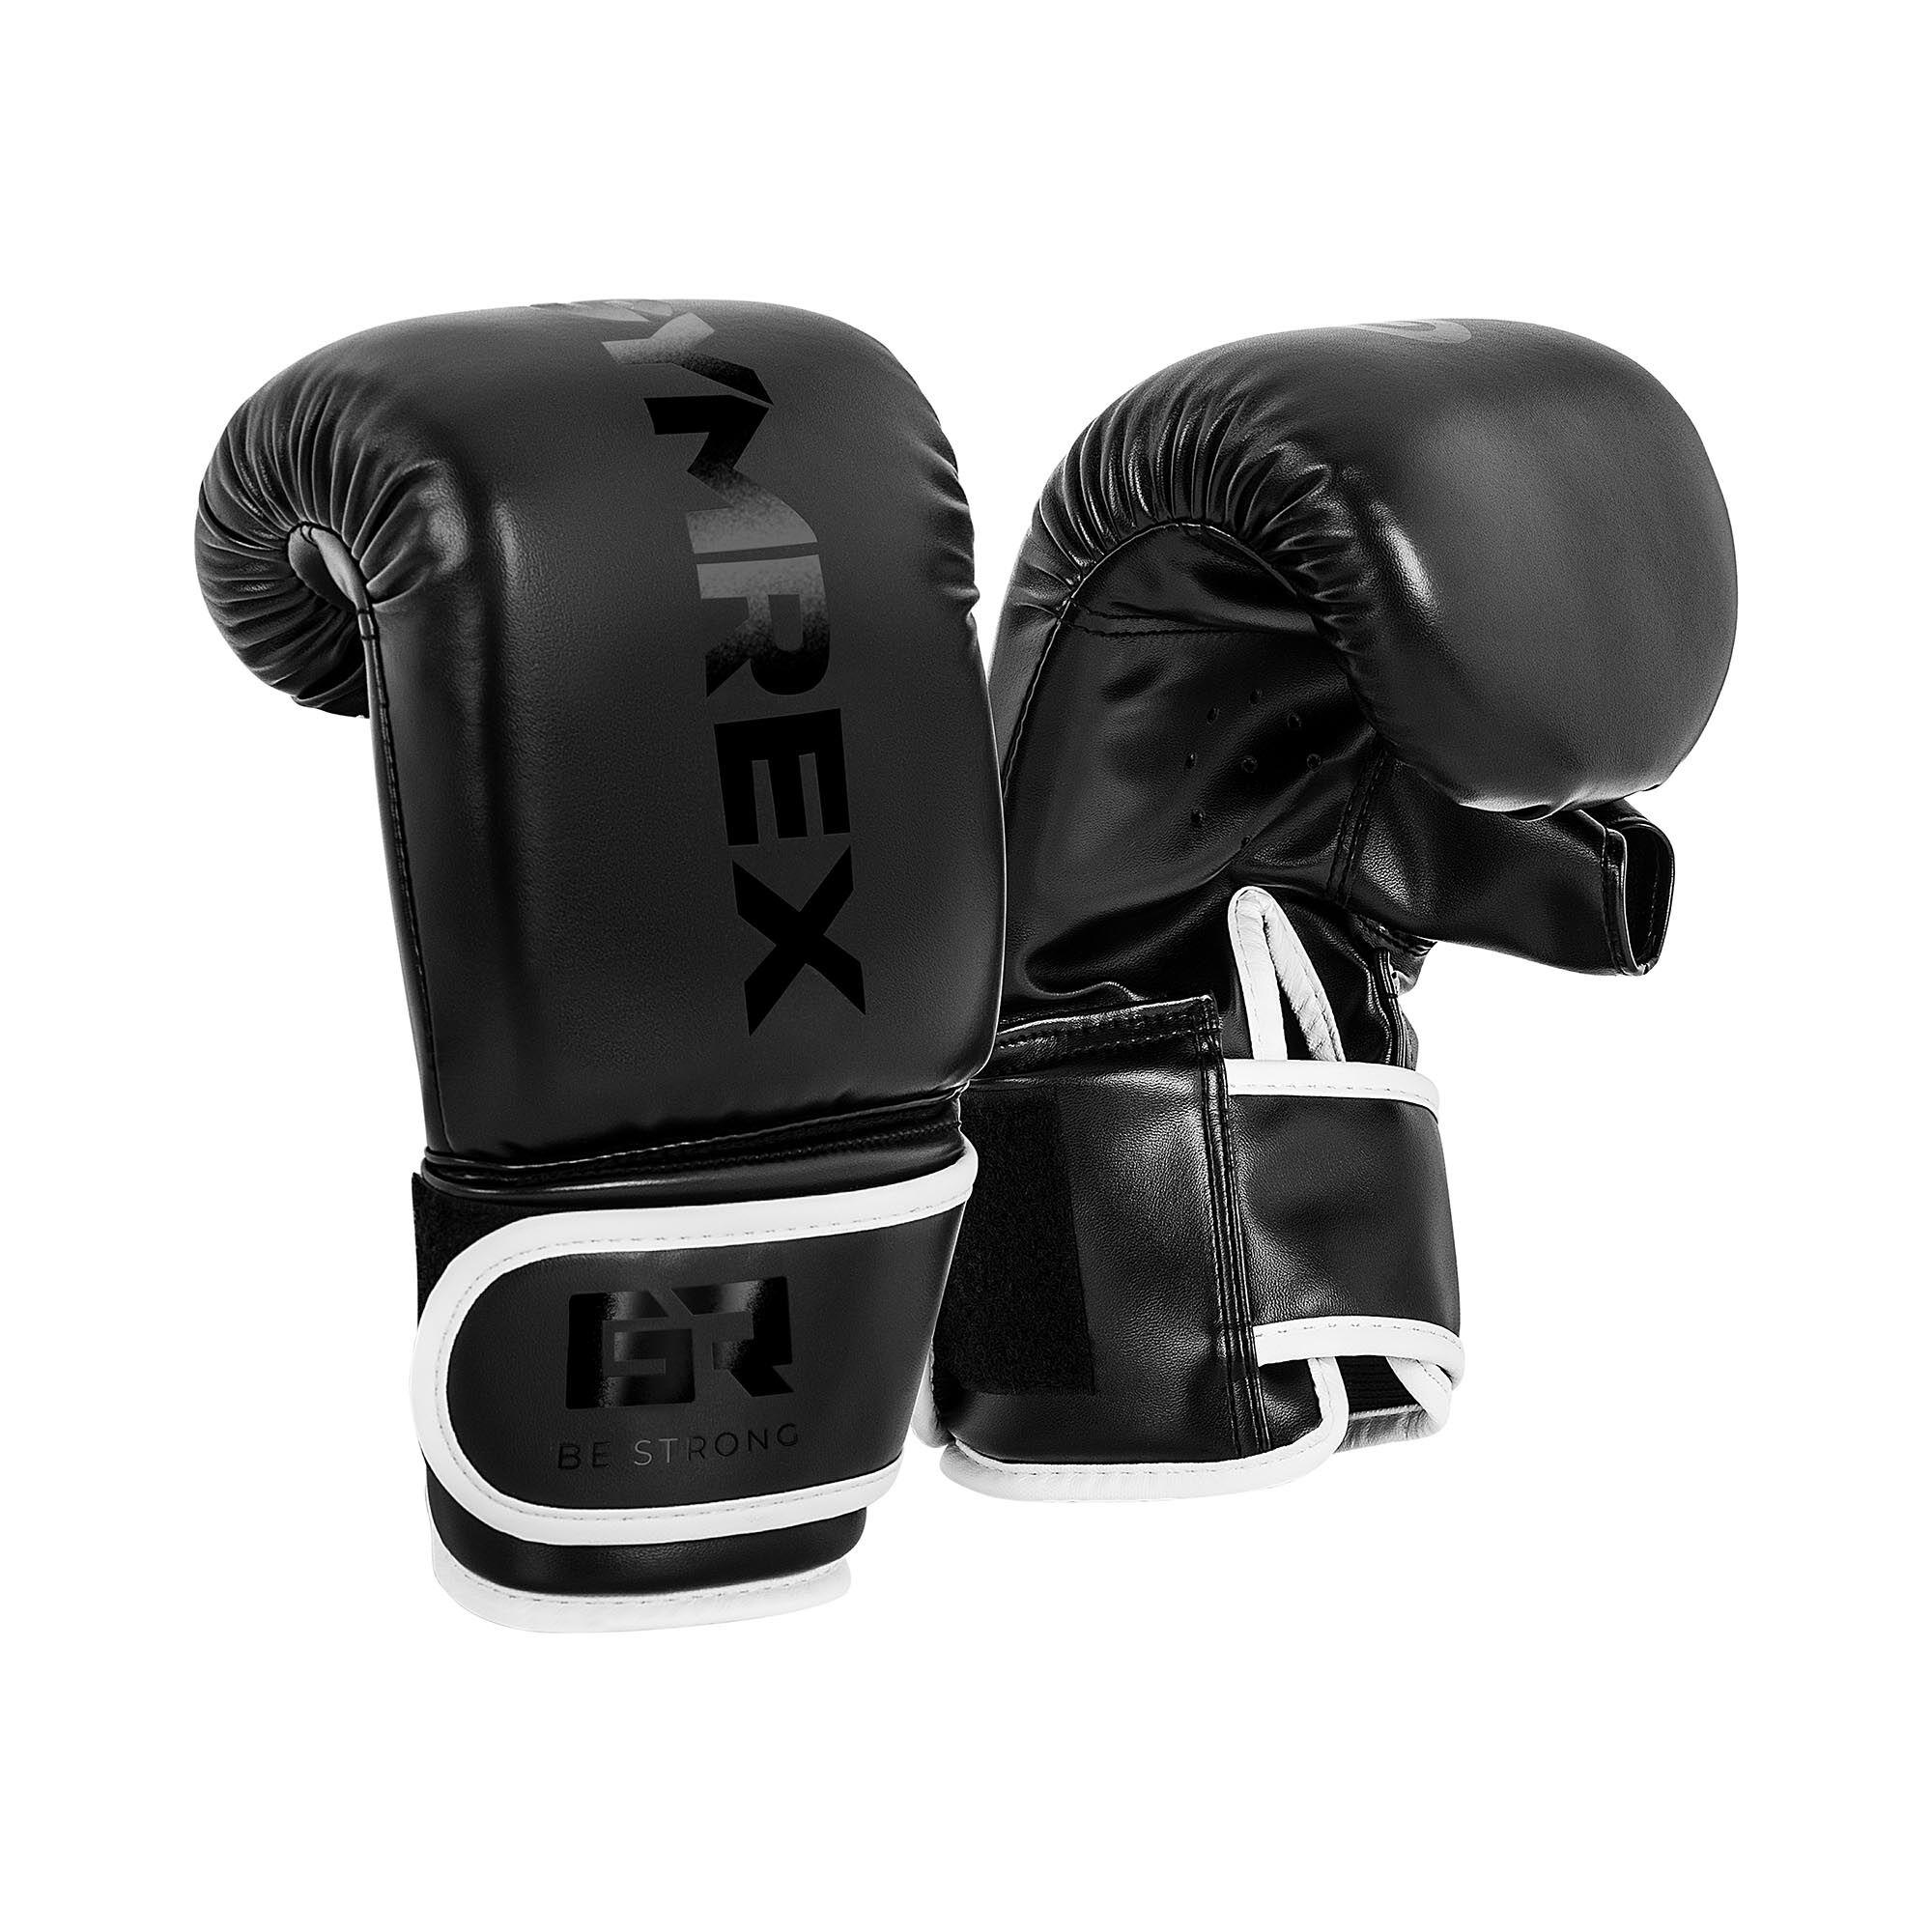 Gymrex Gants de boxe pour travail au sac - 12 oz - Noirs GR-BG 12PB